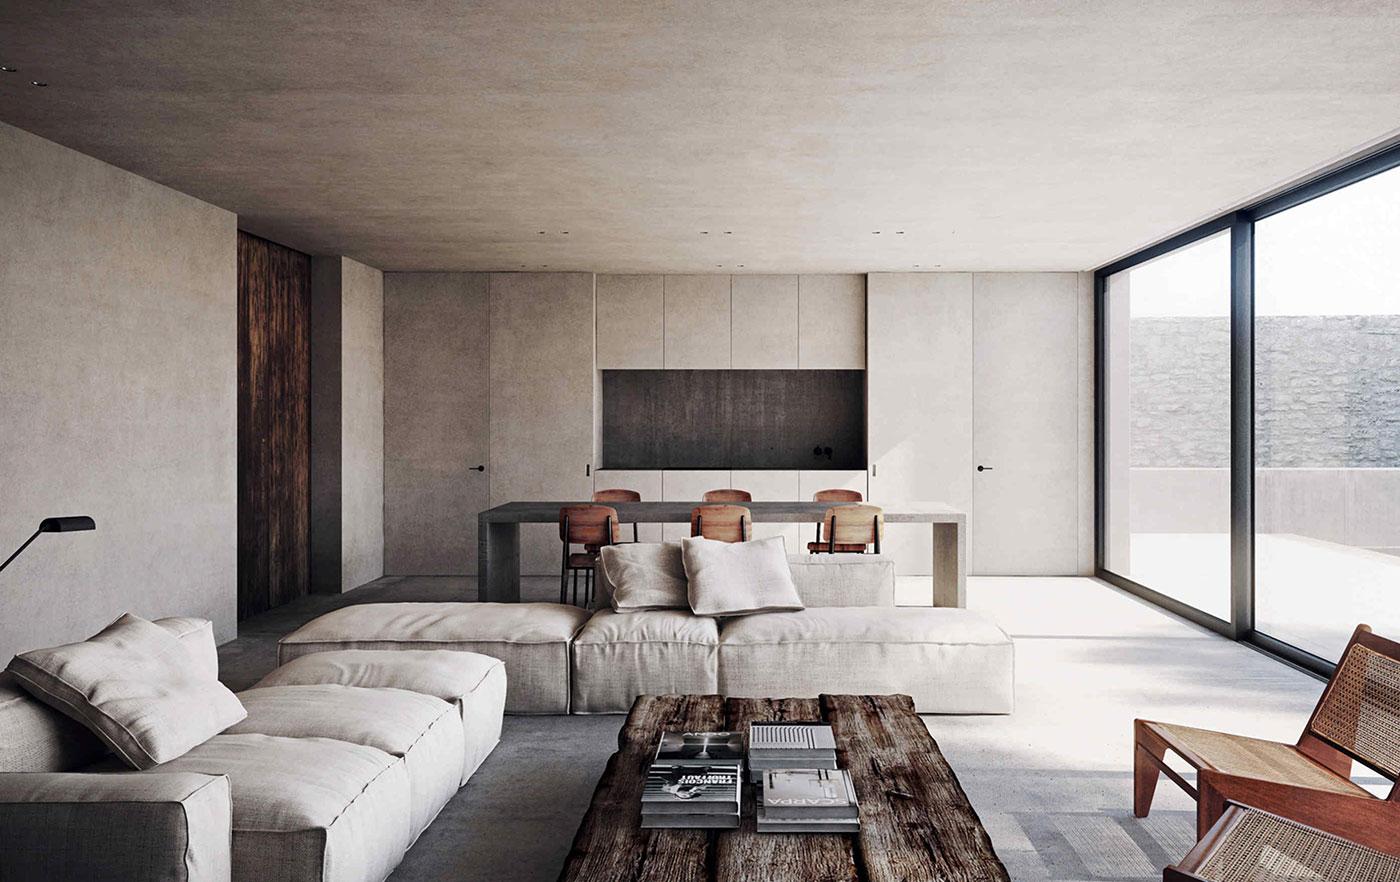 Arredamento Di Design convert casa - divani & arredamento interni di design